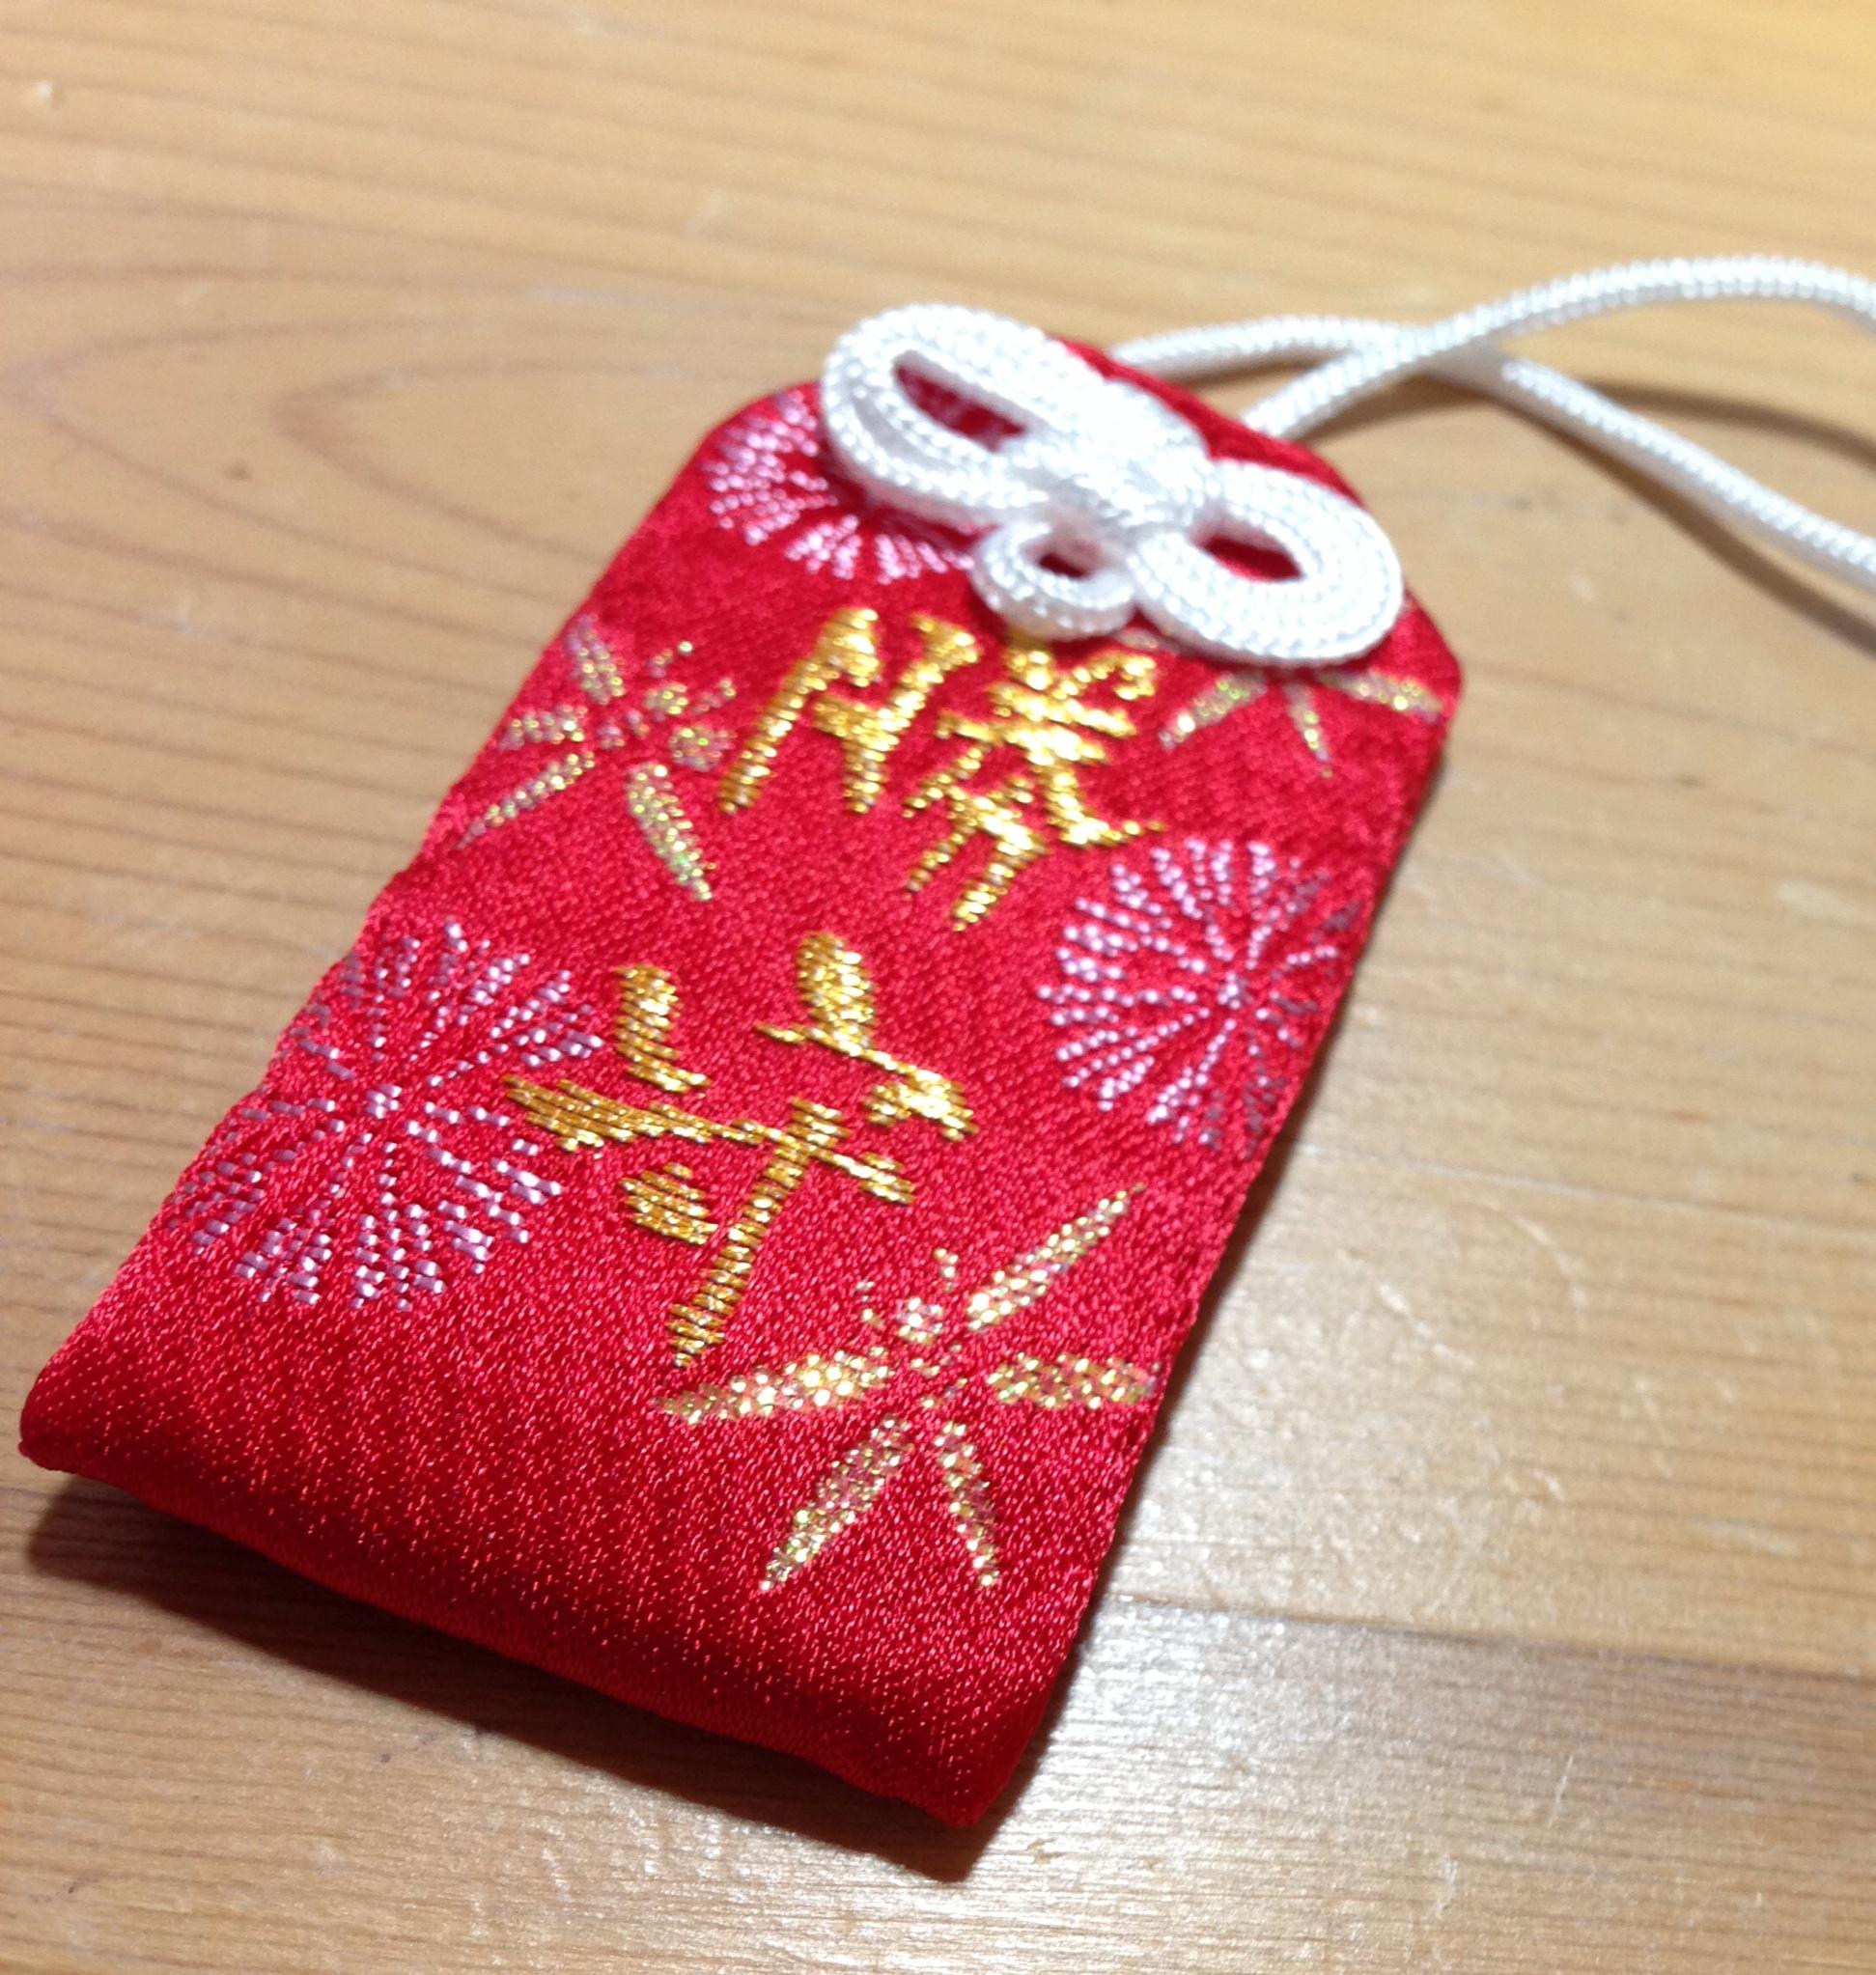 【2014年の抱負】今年の漢字一文字は「勝」、勝ち負けにこだわる年にする